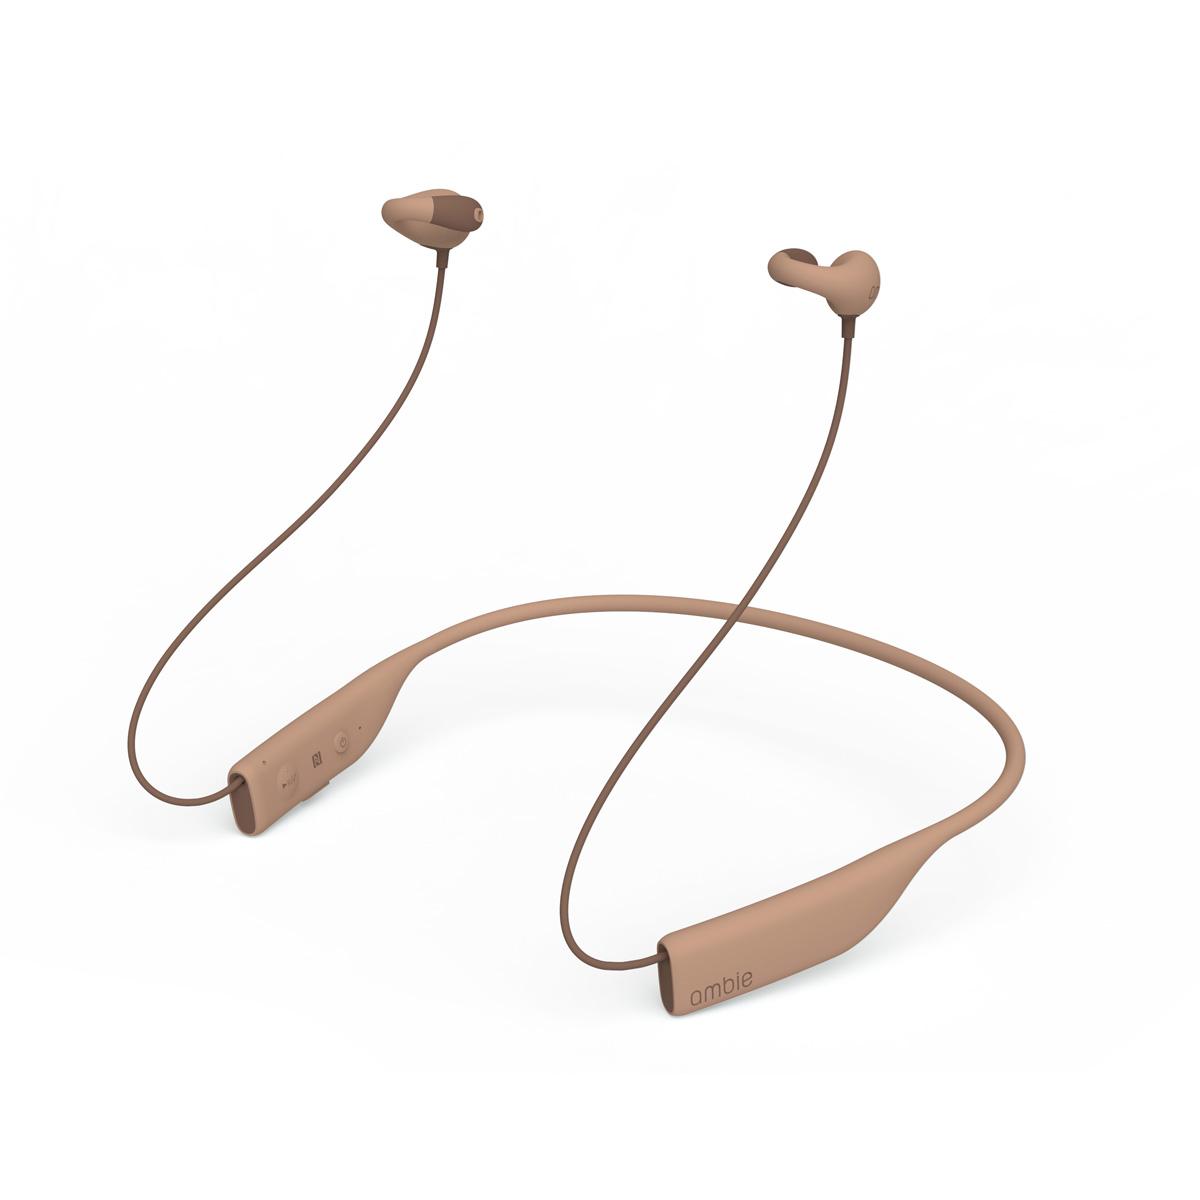 【ambie wireless earcuffs(アンビー ワイヤレスイヤカフ)】最新モデル Bluetooth イヤホン 高音質 ワイヤレス イヤホン ランニング ブルートゥースイヤホン bluetooth ながら聴き 耳にいれない 送料無料 ビデオ会議 テレワーク オンライン授業 ランニング スポーツ